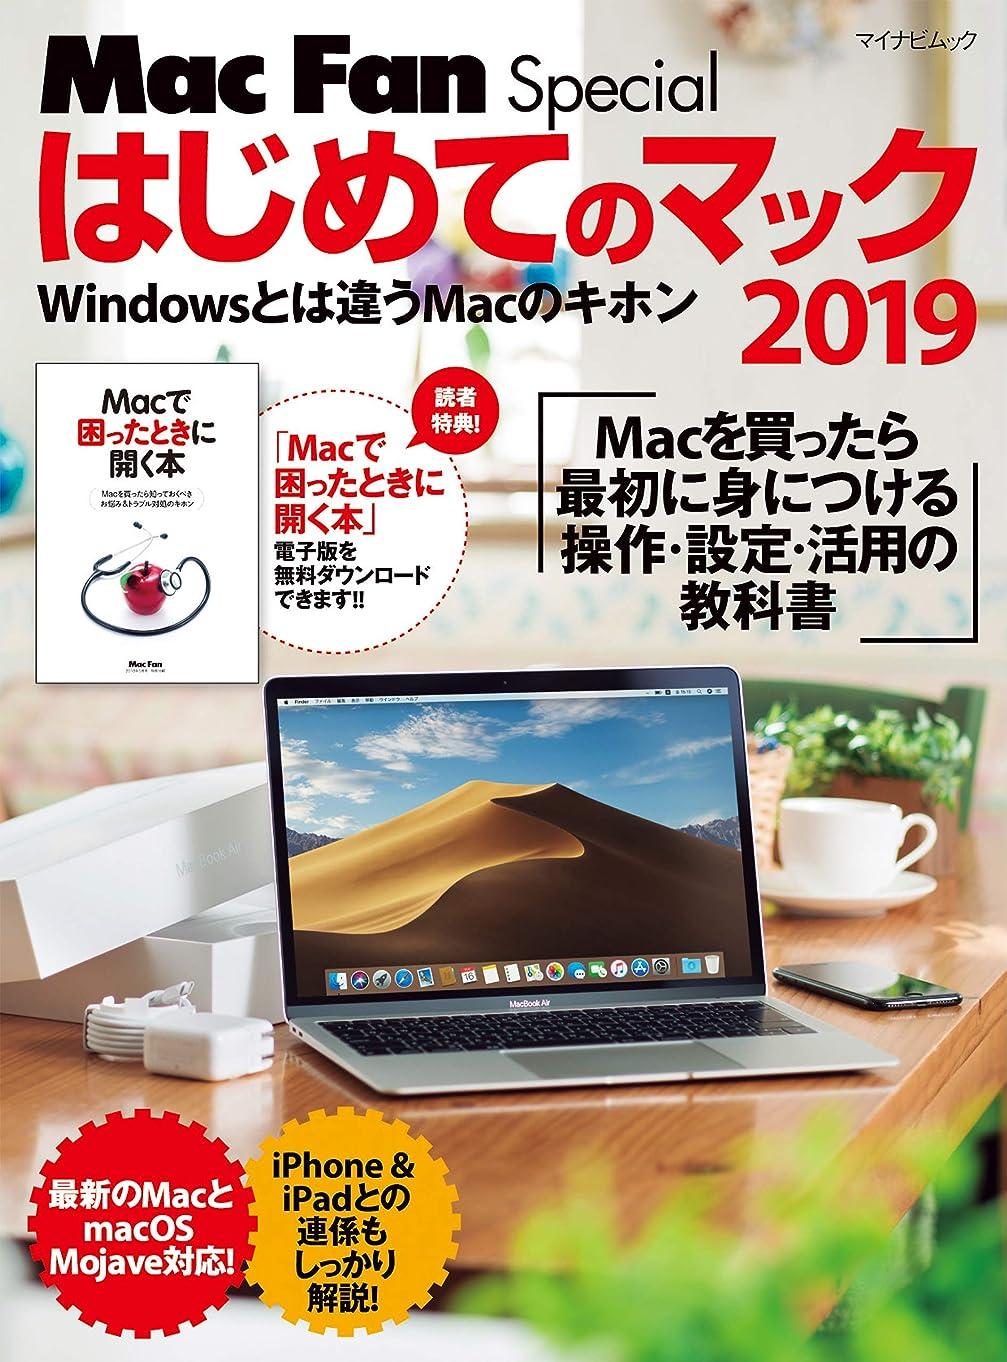 ファイアルフレア権限を与えるはじめてのマック 2019 Mac Fan Special